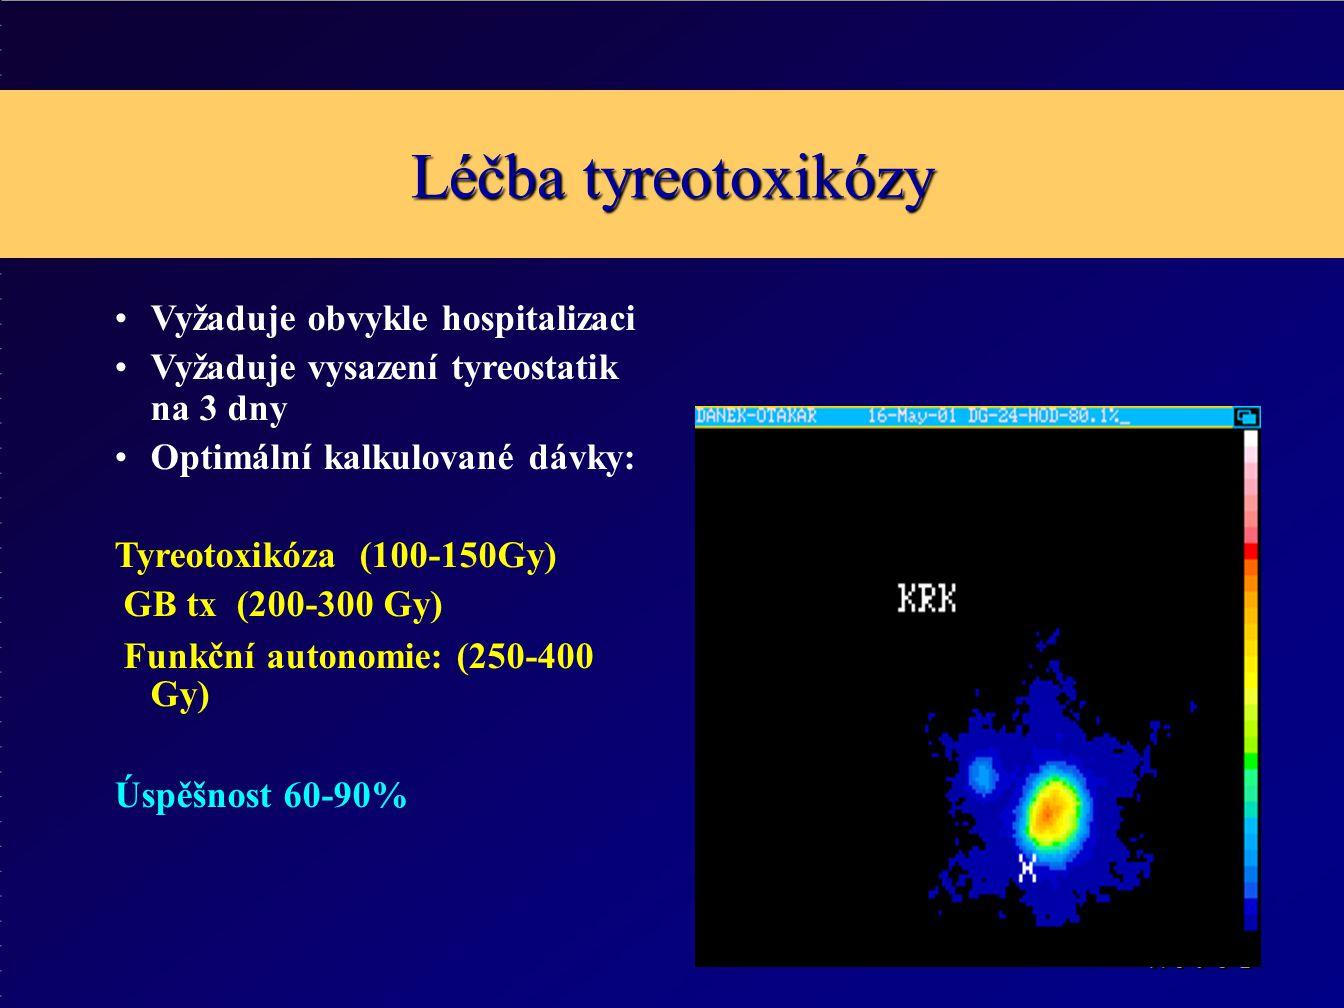 Léčba tyreotoxikózy Vyžaduje obvykle hospitalizaci Vyžaduje vysazení tyreostatik na 3 dny Optimální kalkulované dávky: Tyreotoxikóza (100-150Gy) GB tx (200-300 Gy) Funkční autonomie: (250-400 Gy) Úspěšnost 60-90%